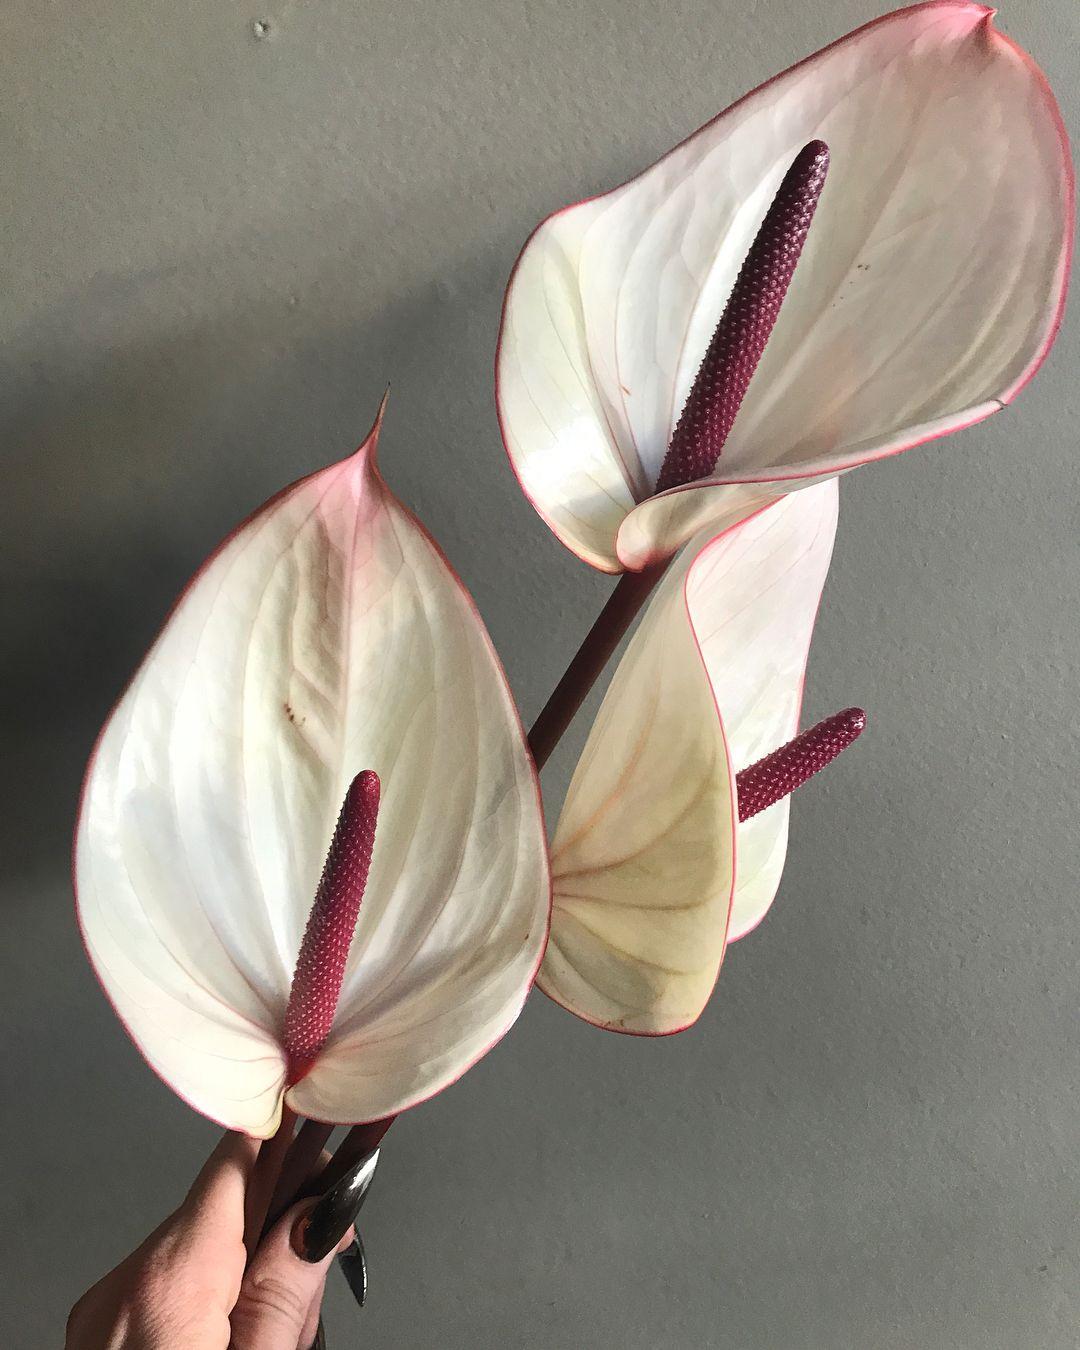 Anthurium White Heart Ppaf Anthurium Plant Anthurium Rare Flowers